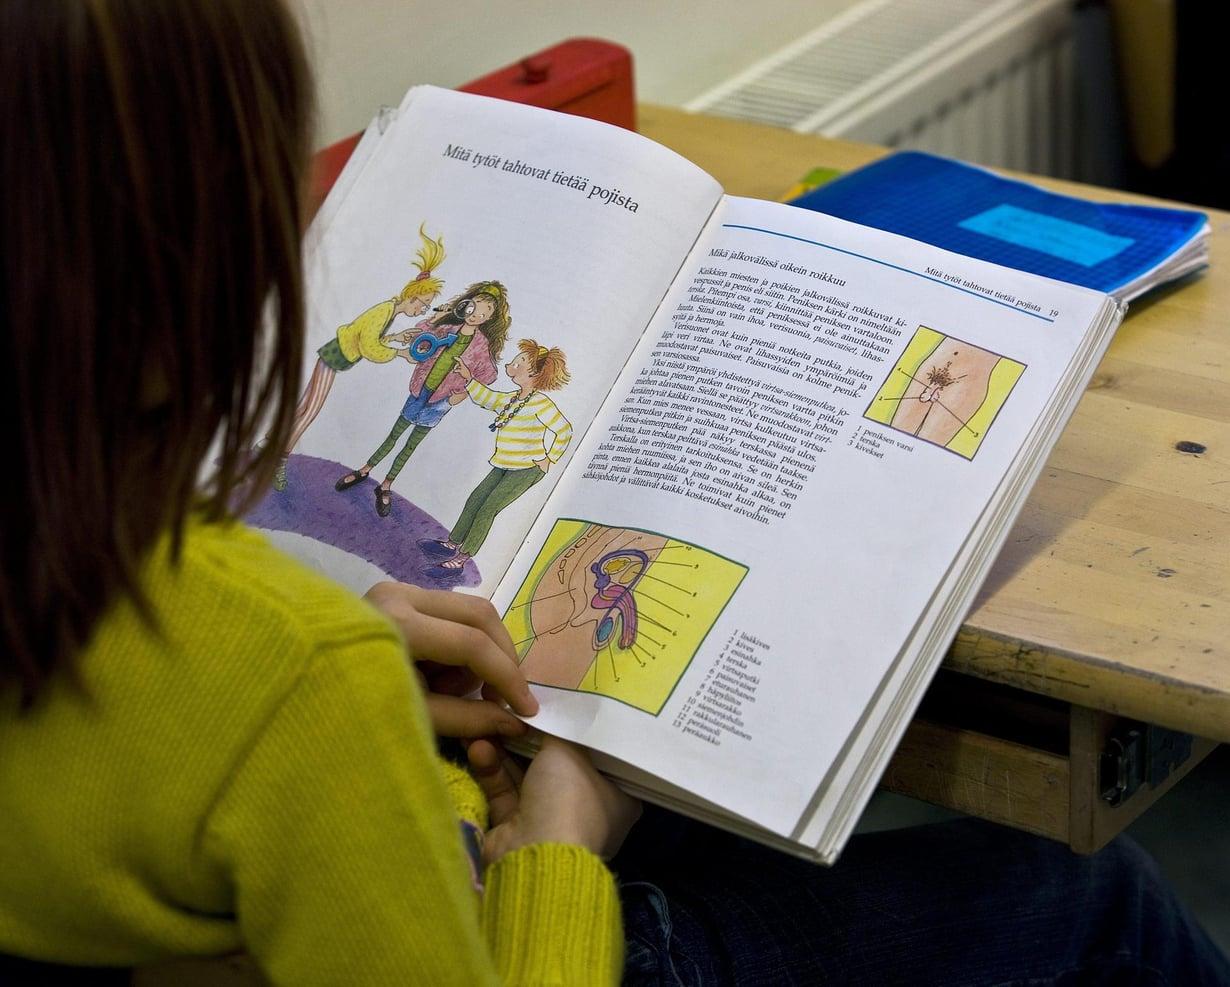 Terveystiedon tunnilla opiskellaan, sukupuolisuuden saloja. Kuva: Juha Metso